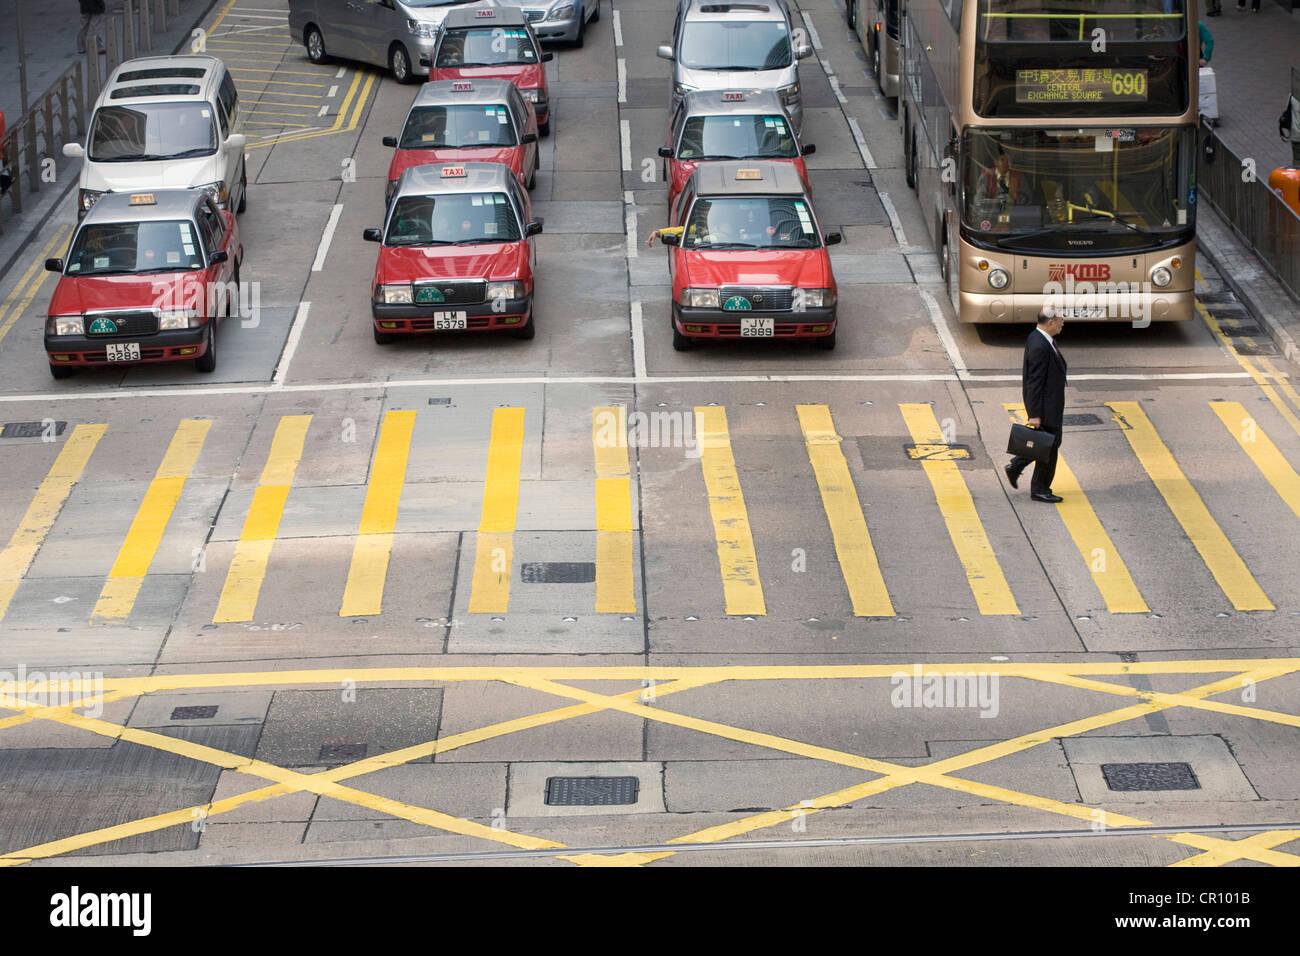 China, Hong Kong, zebra crossing - Stock Image